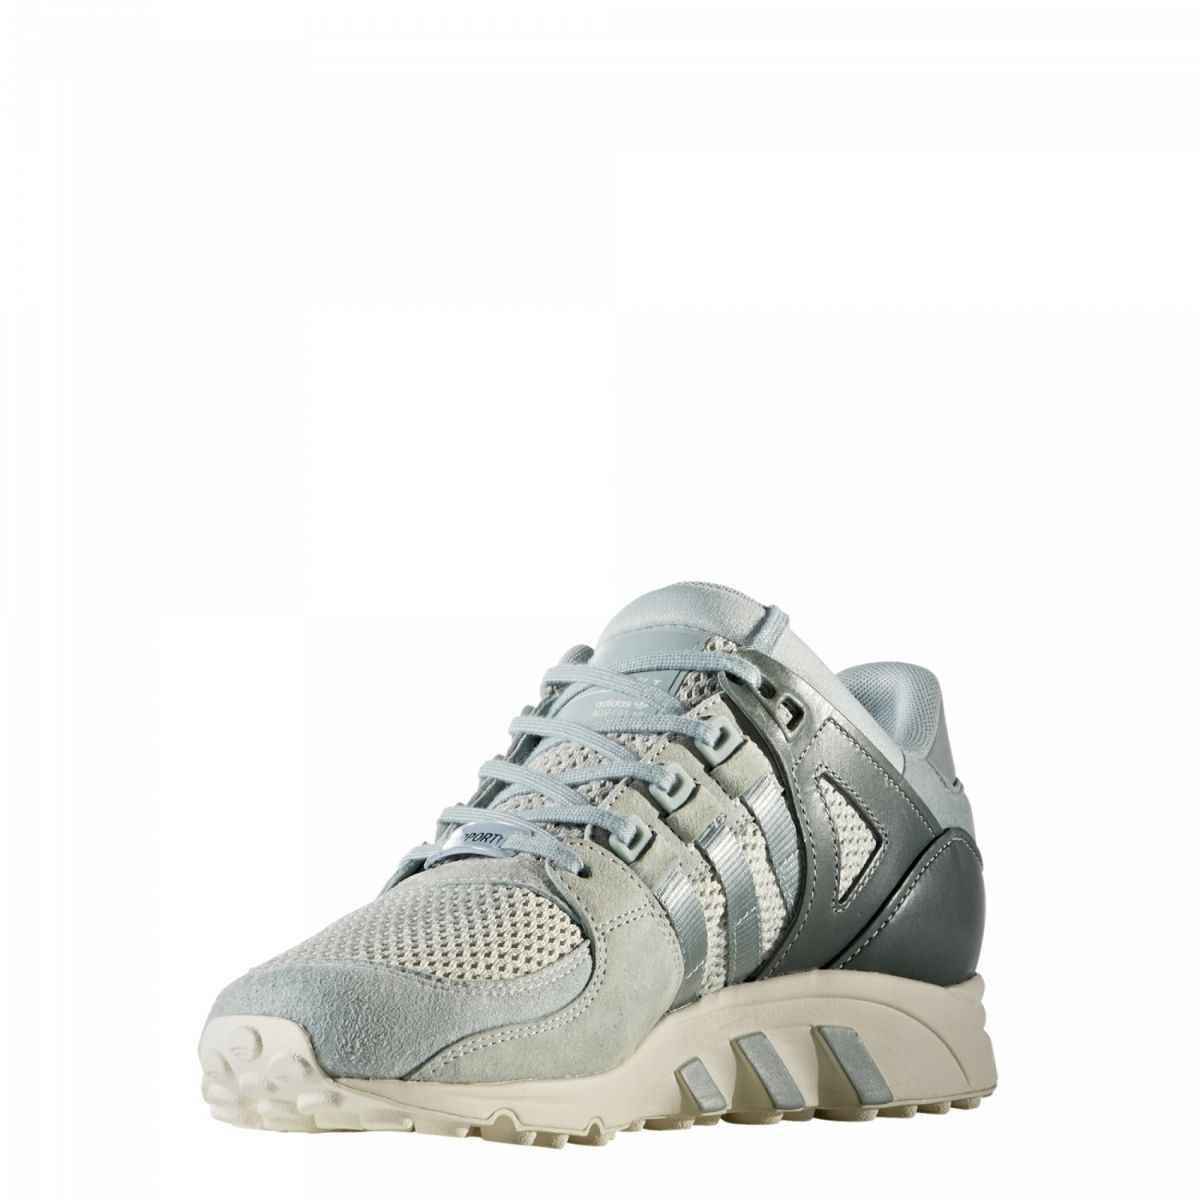 adidas originals eqt support rf sneaker damen schuhe. Black Bedroom Furniture Sets. Home Design Ideas